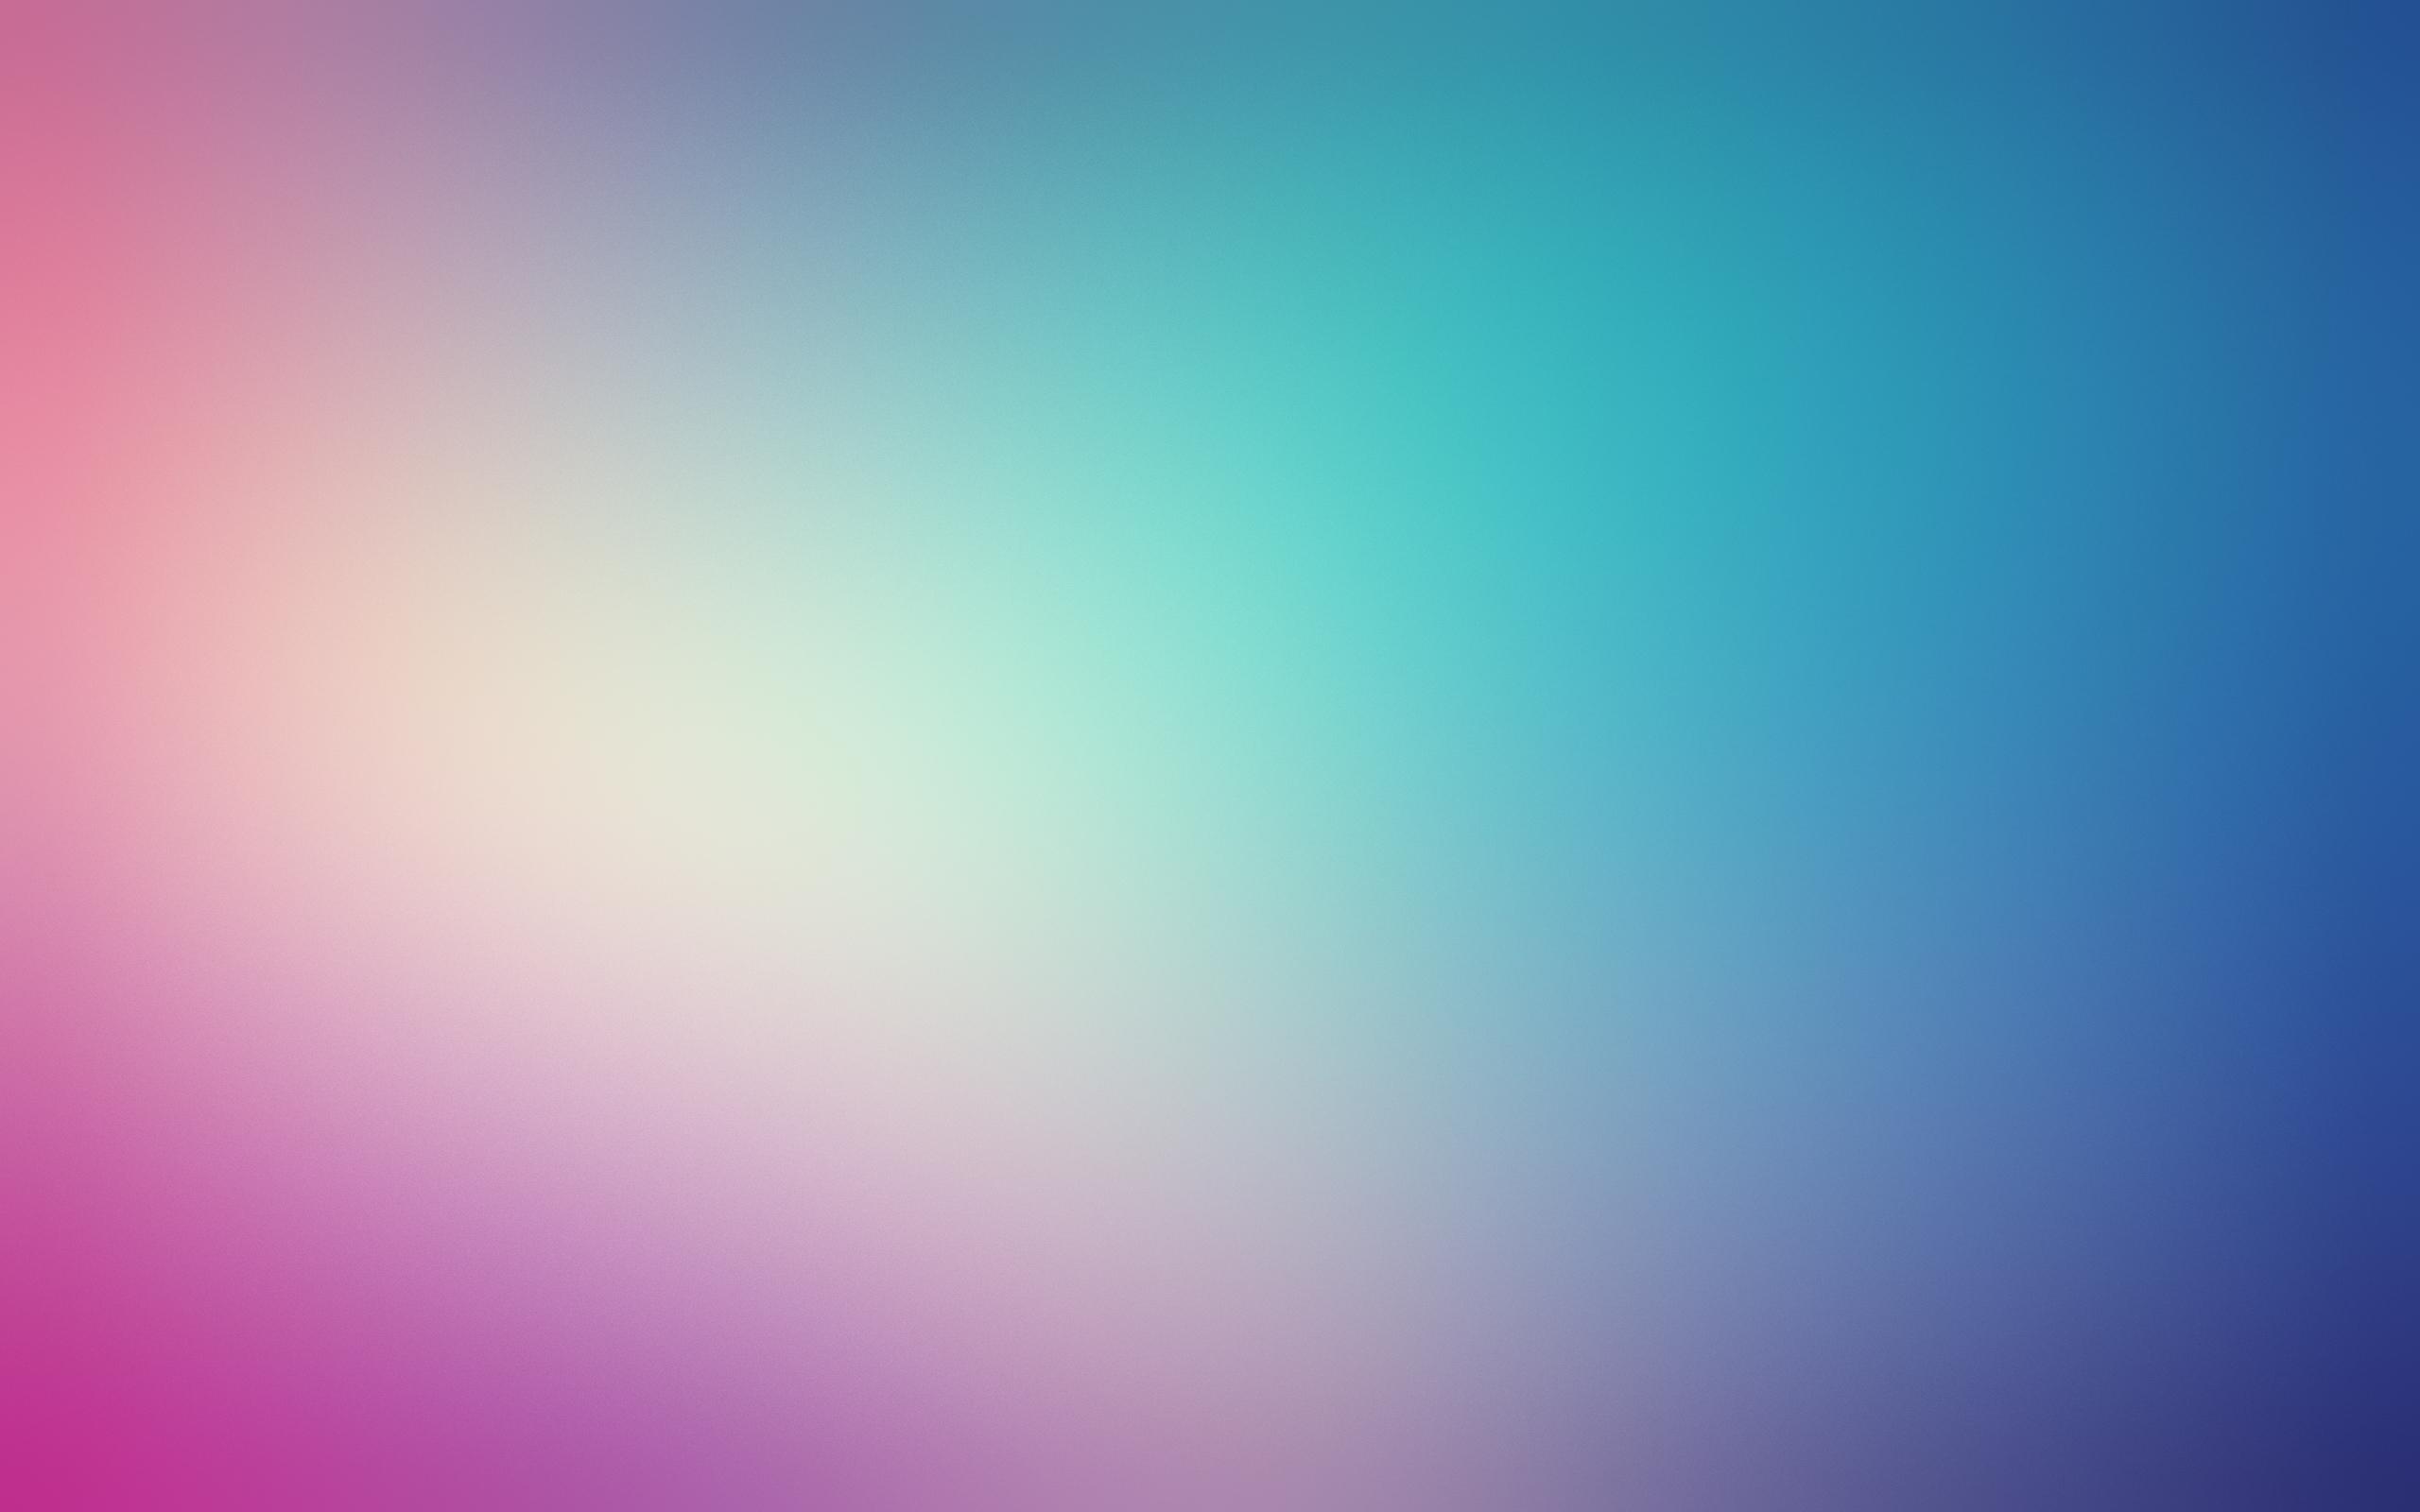 HD Gradient Wallpapers - WallpaperSafari